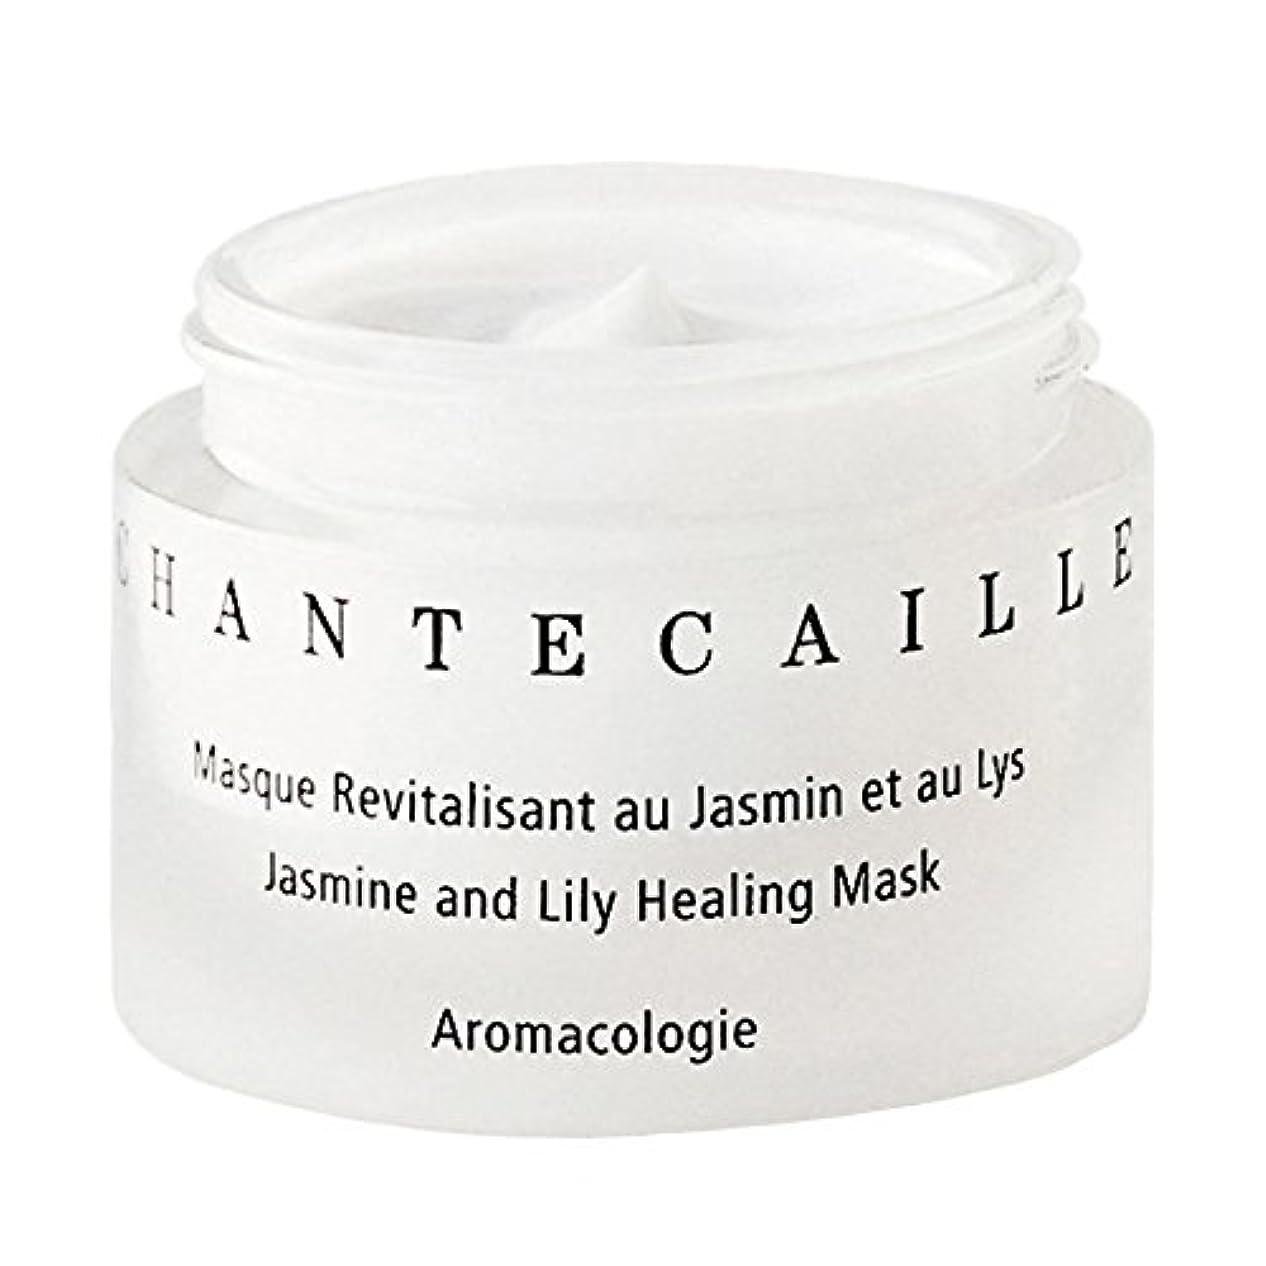 順応性バナナおめでとうシャンテカイユのジャスミンとユリ癒しのマスク、シャンテカイユ x4 - Chantecaille Jasmine and Lily Healing Mask, Chantecaille (Pack of 4) [並行輸入品]